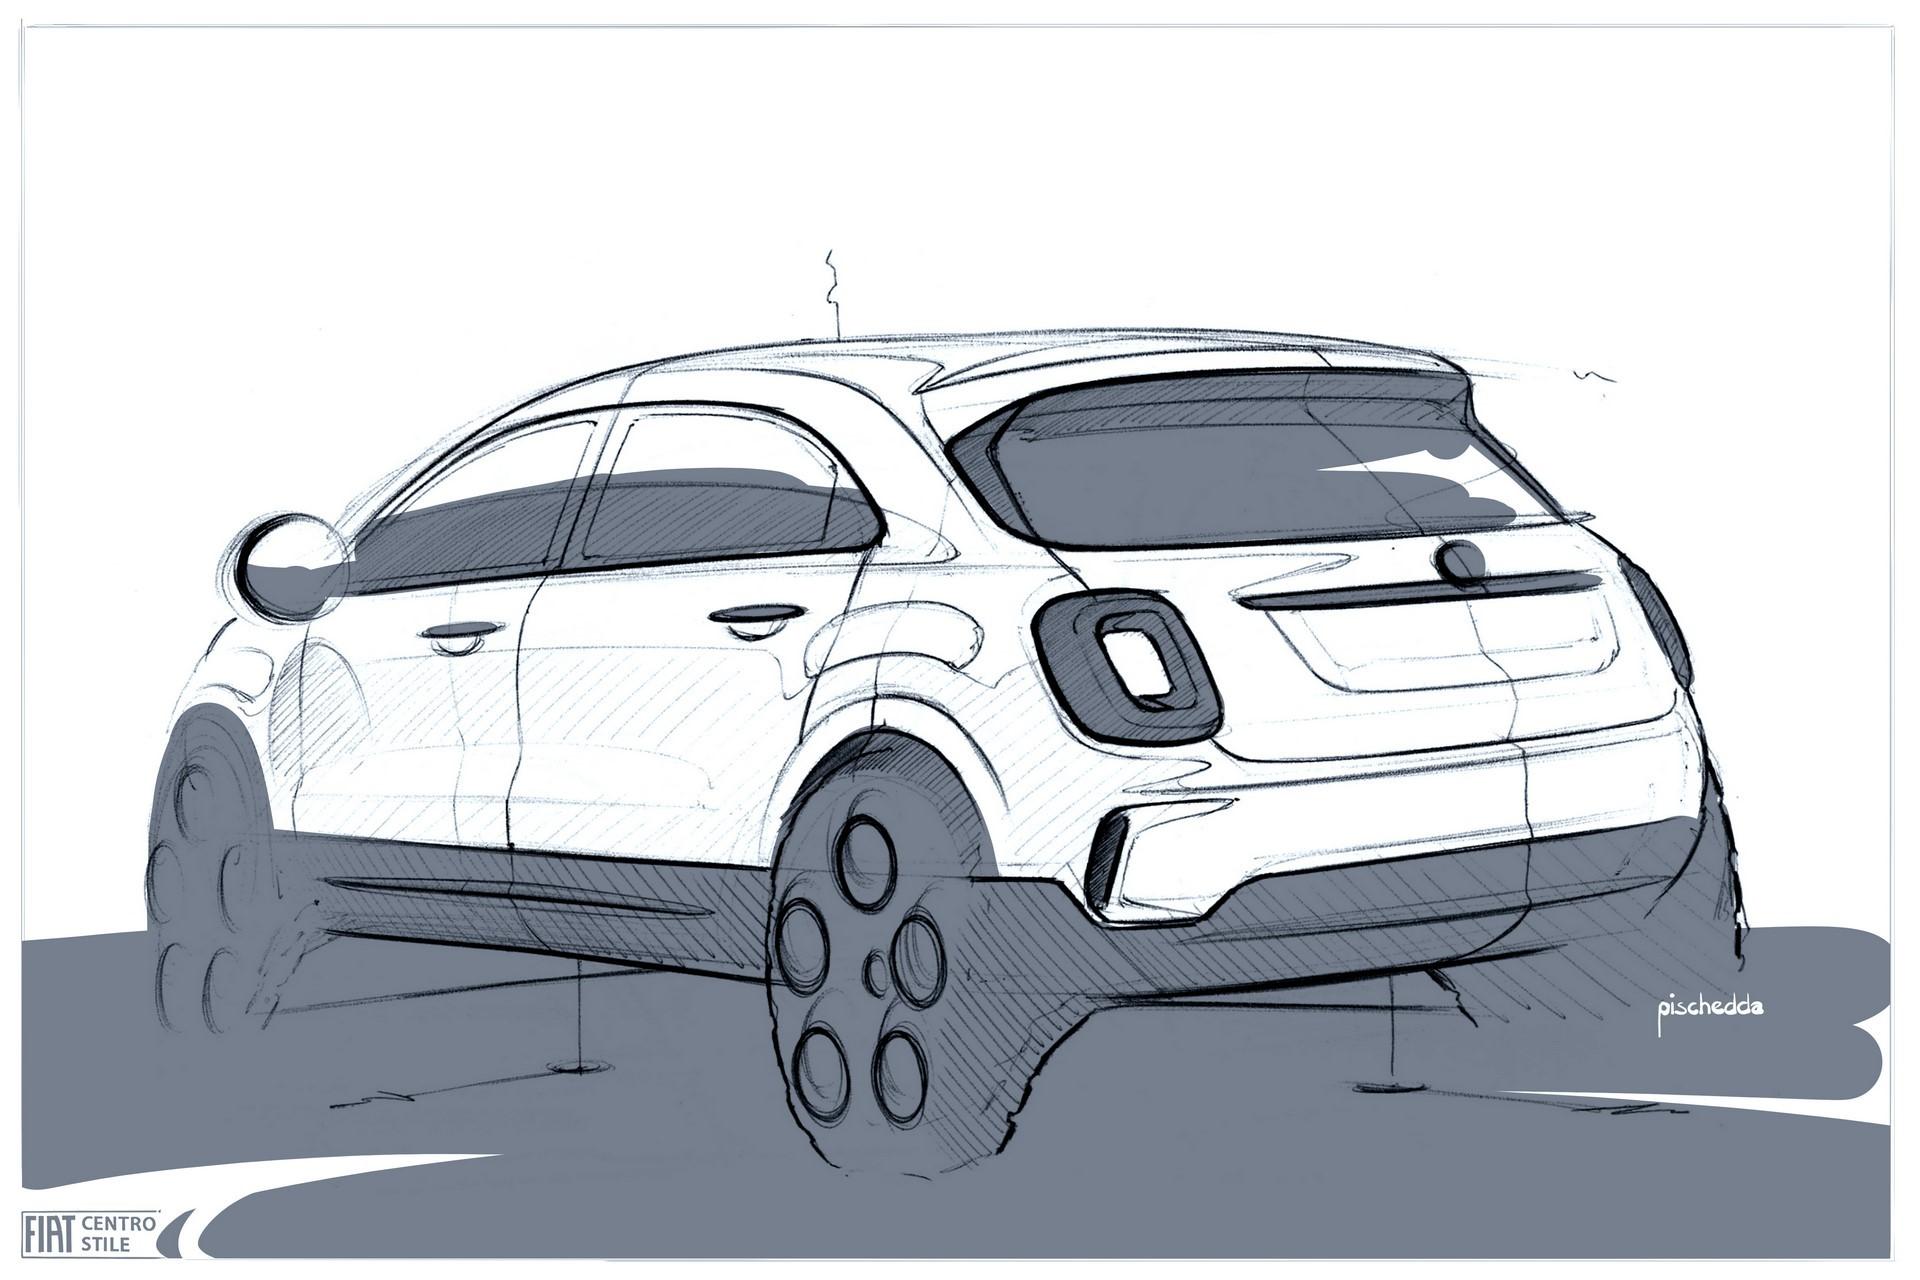 180828_Fiat_New-500X-sketch_02